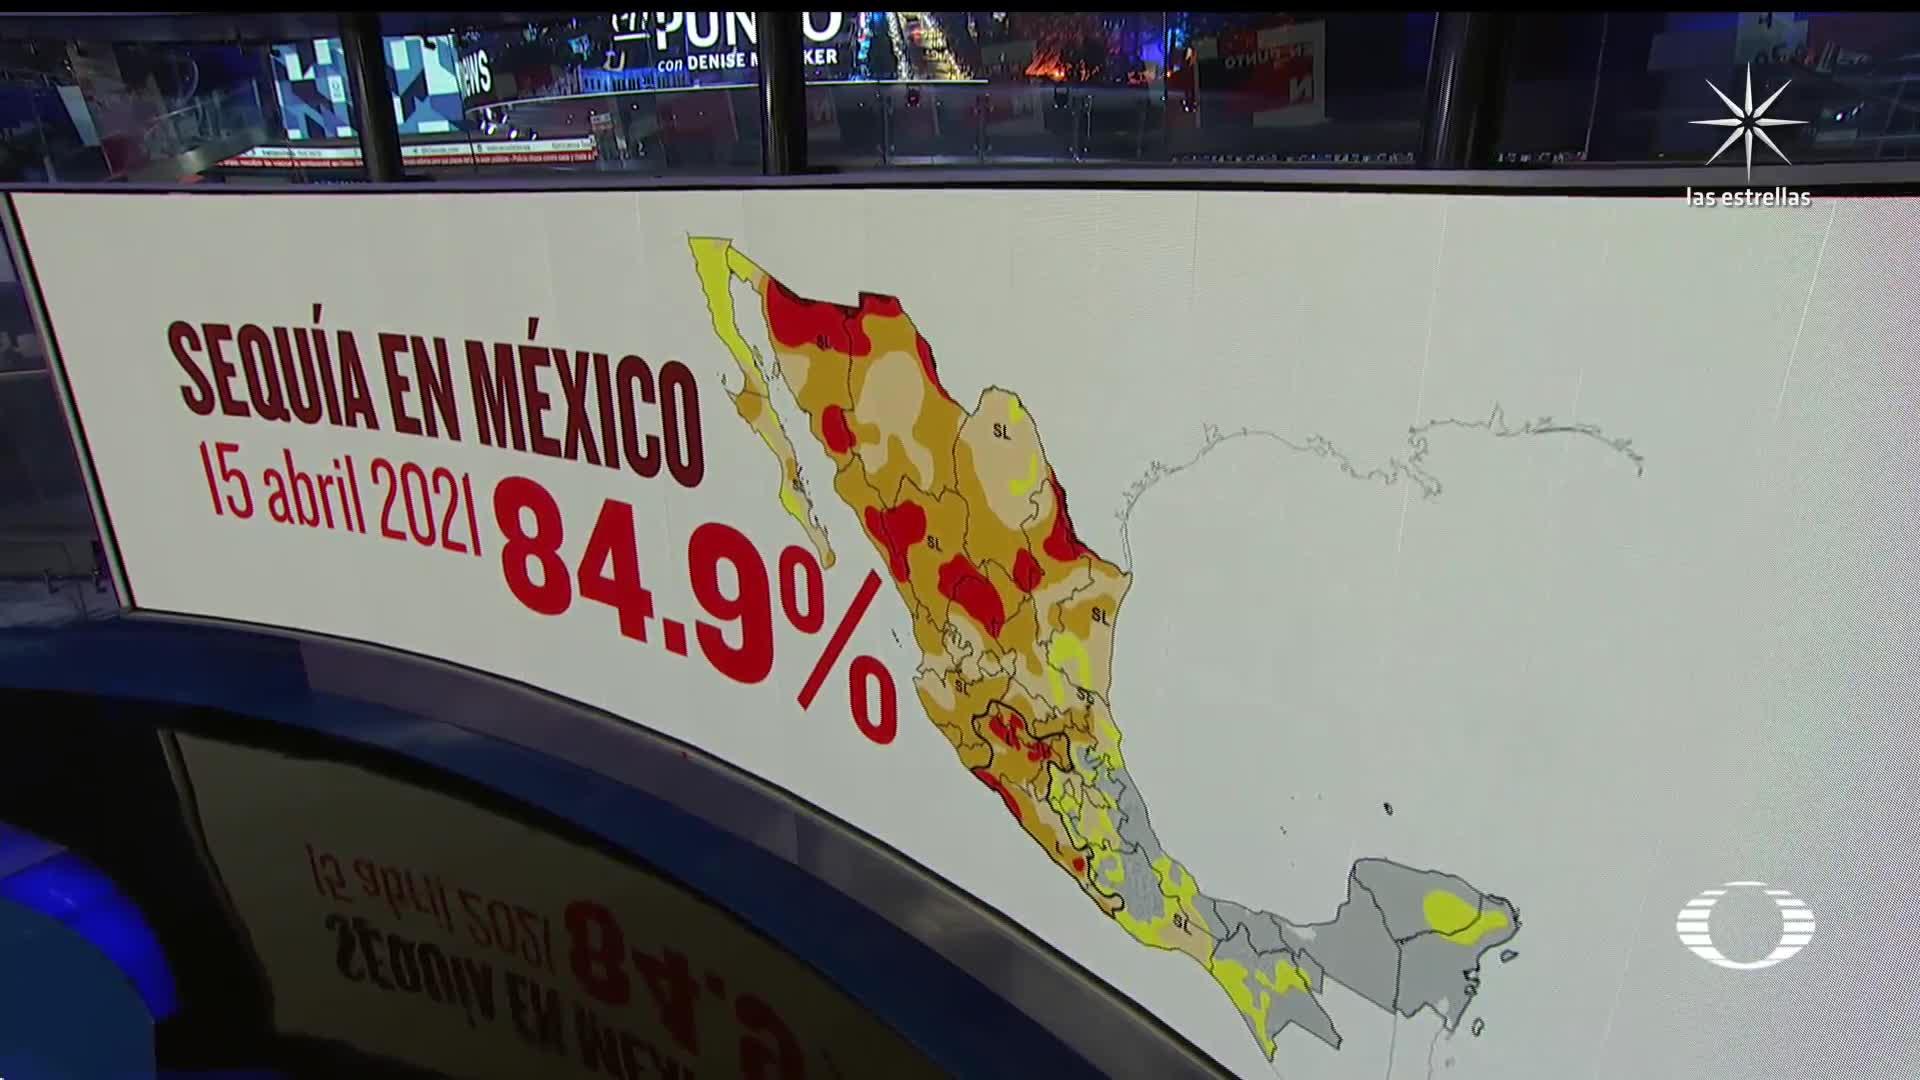 alerta por el aumento de la sequia en mexico